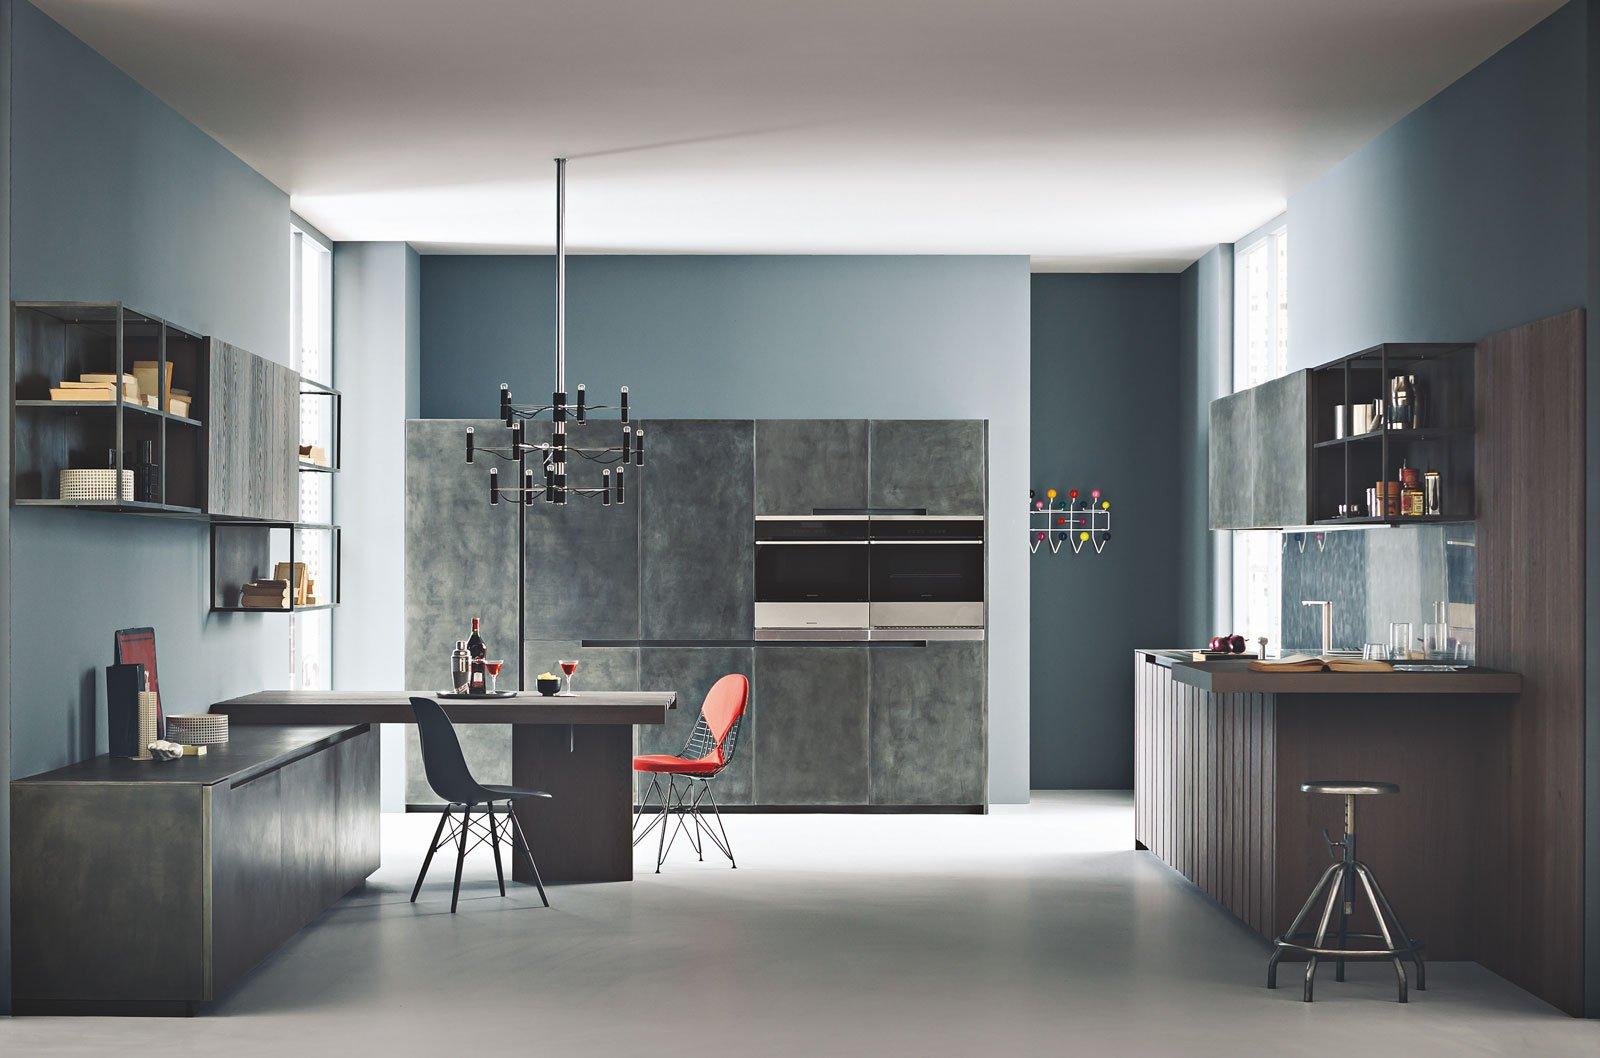 Awesome Come Verniciare Le Ante Della Cucina Images - Home Ideas ...